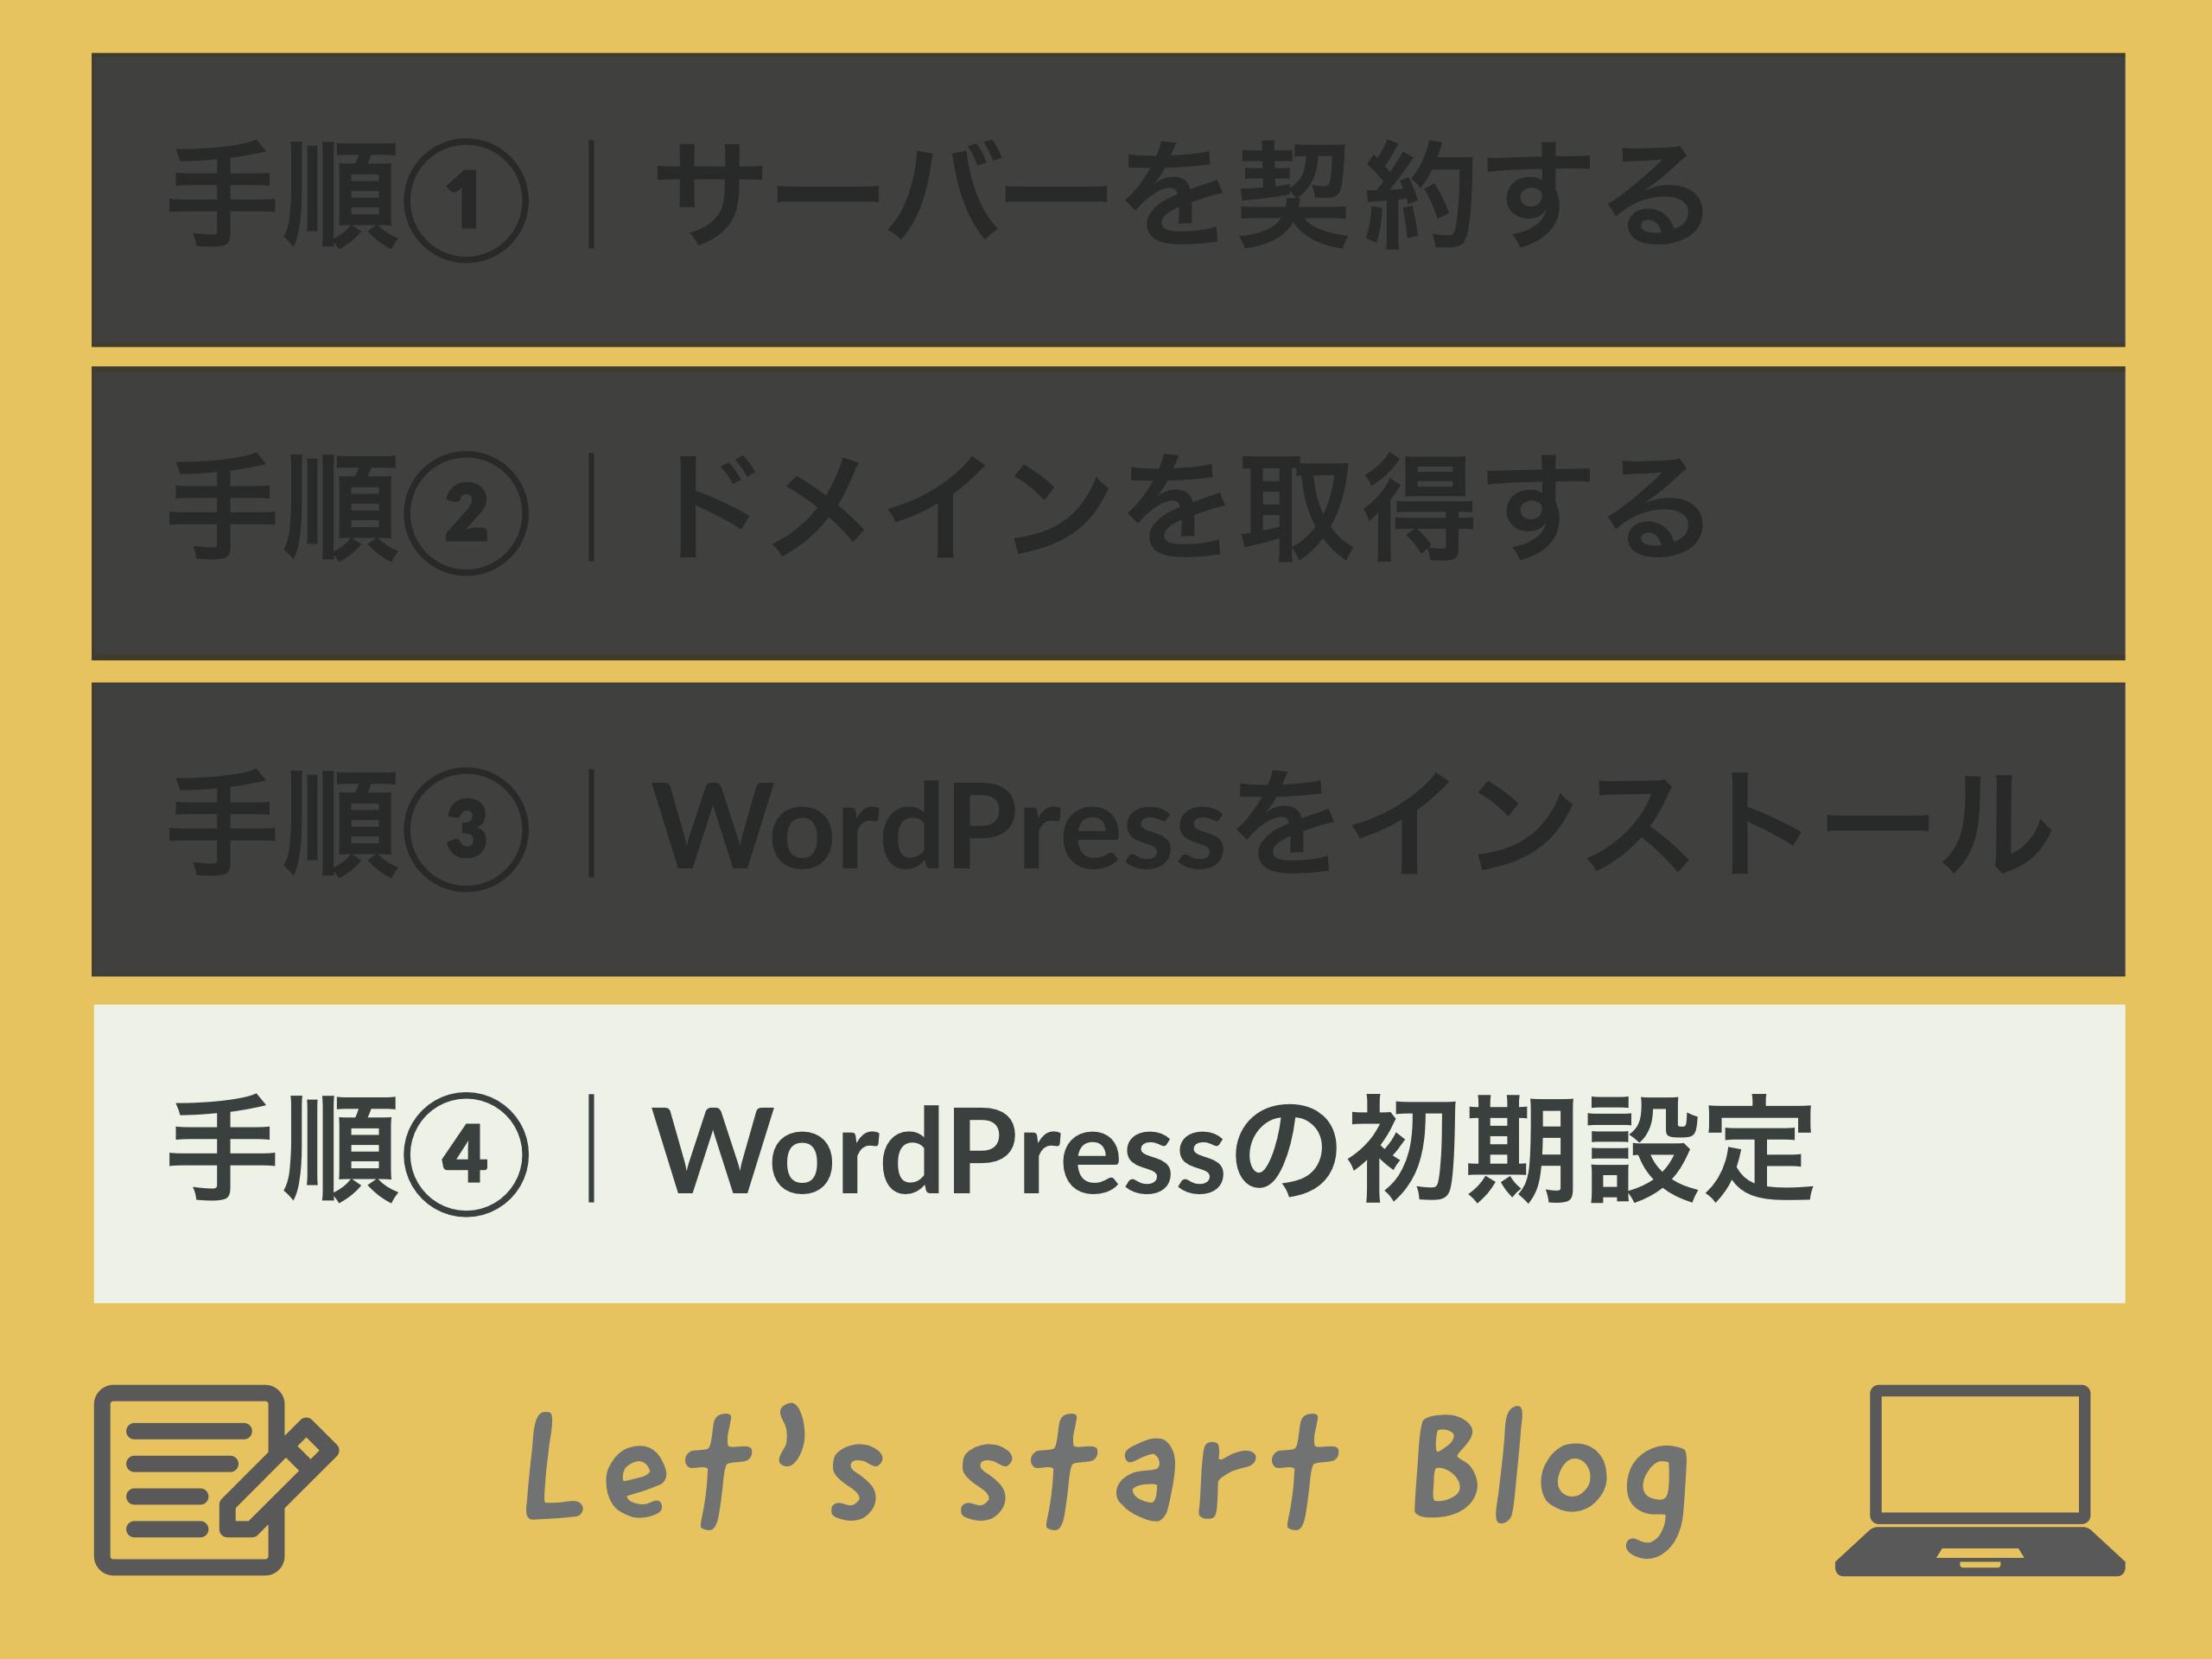 手順④|WordPressの初期設定